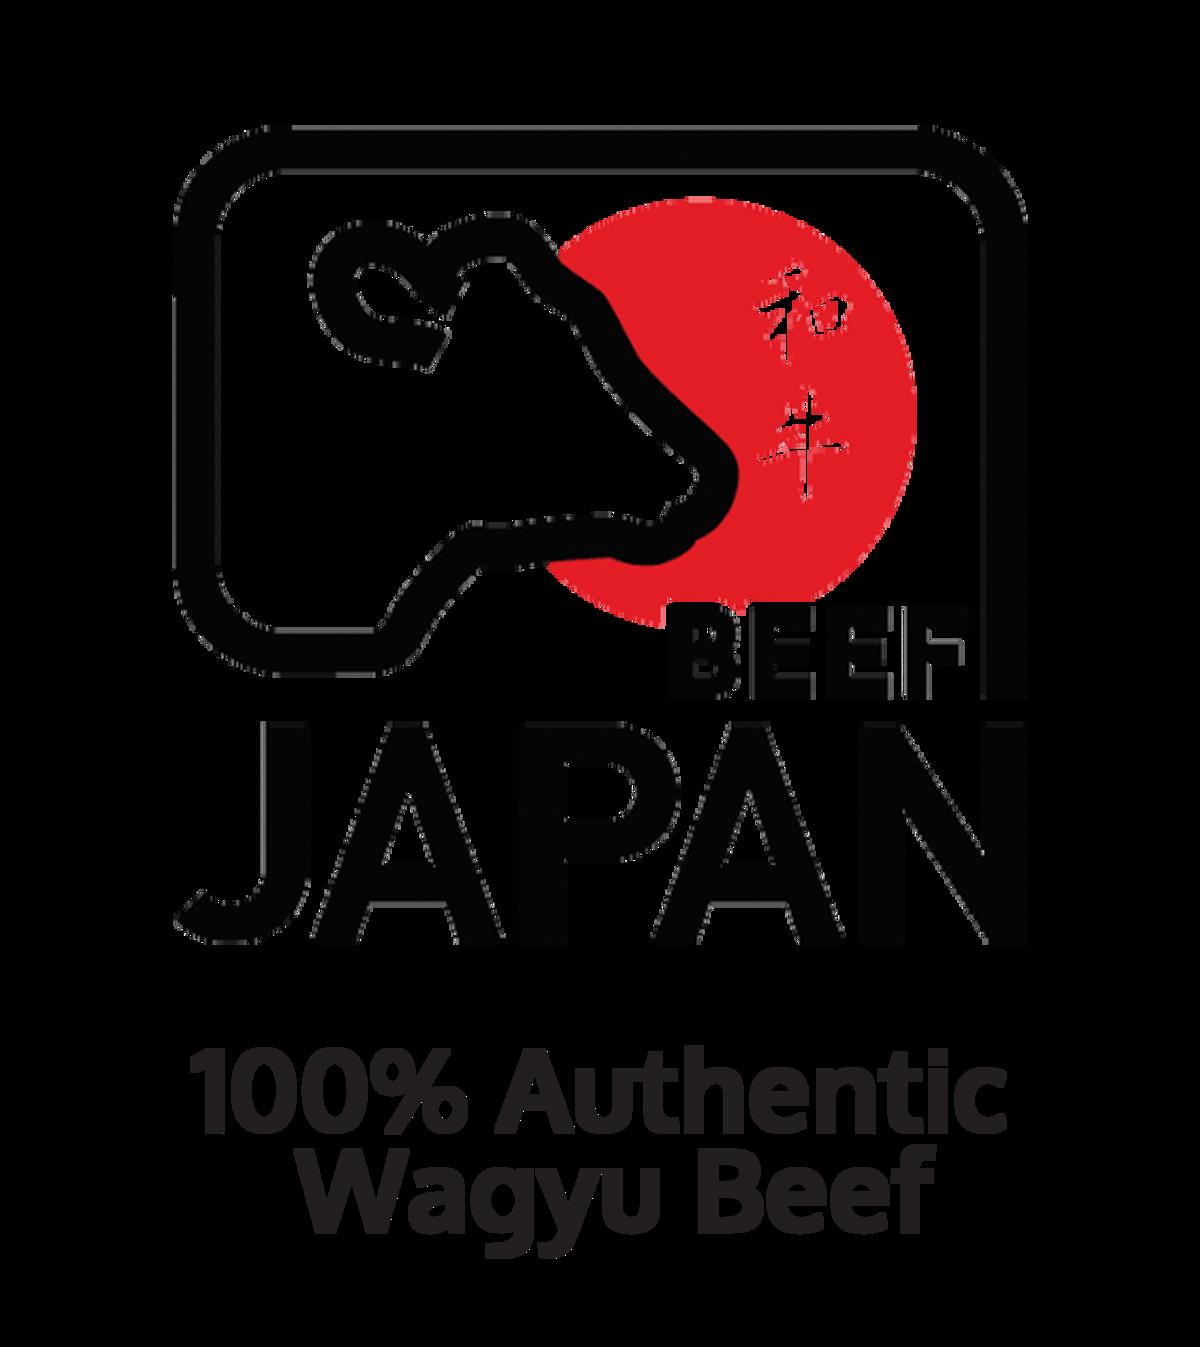 Is Wagyu Beef Healthy?